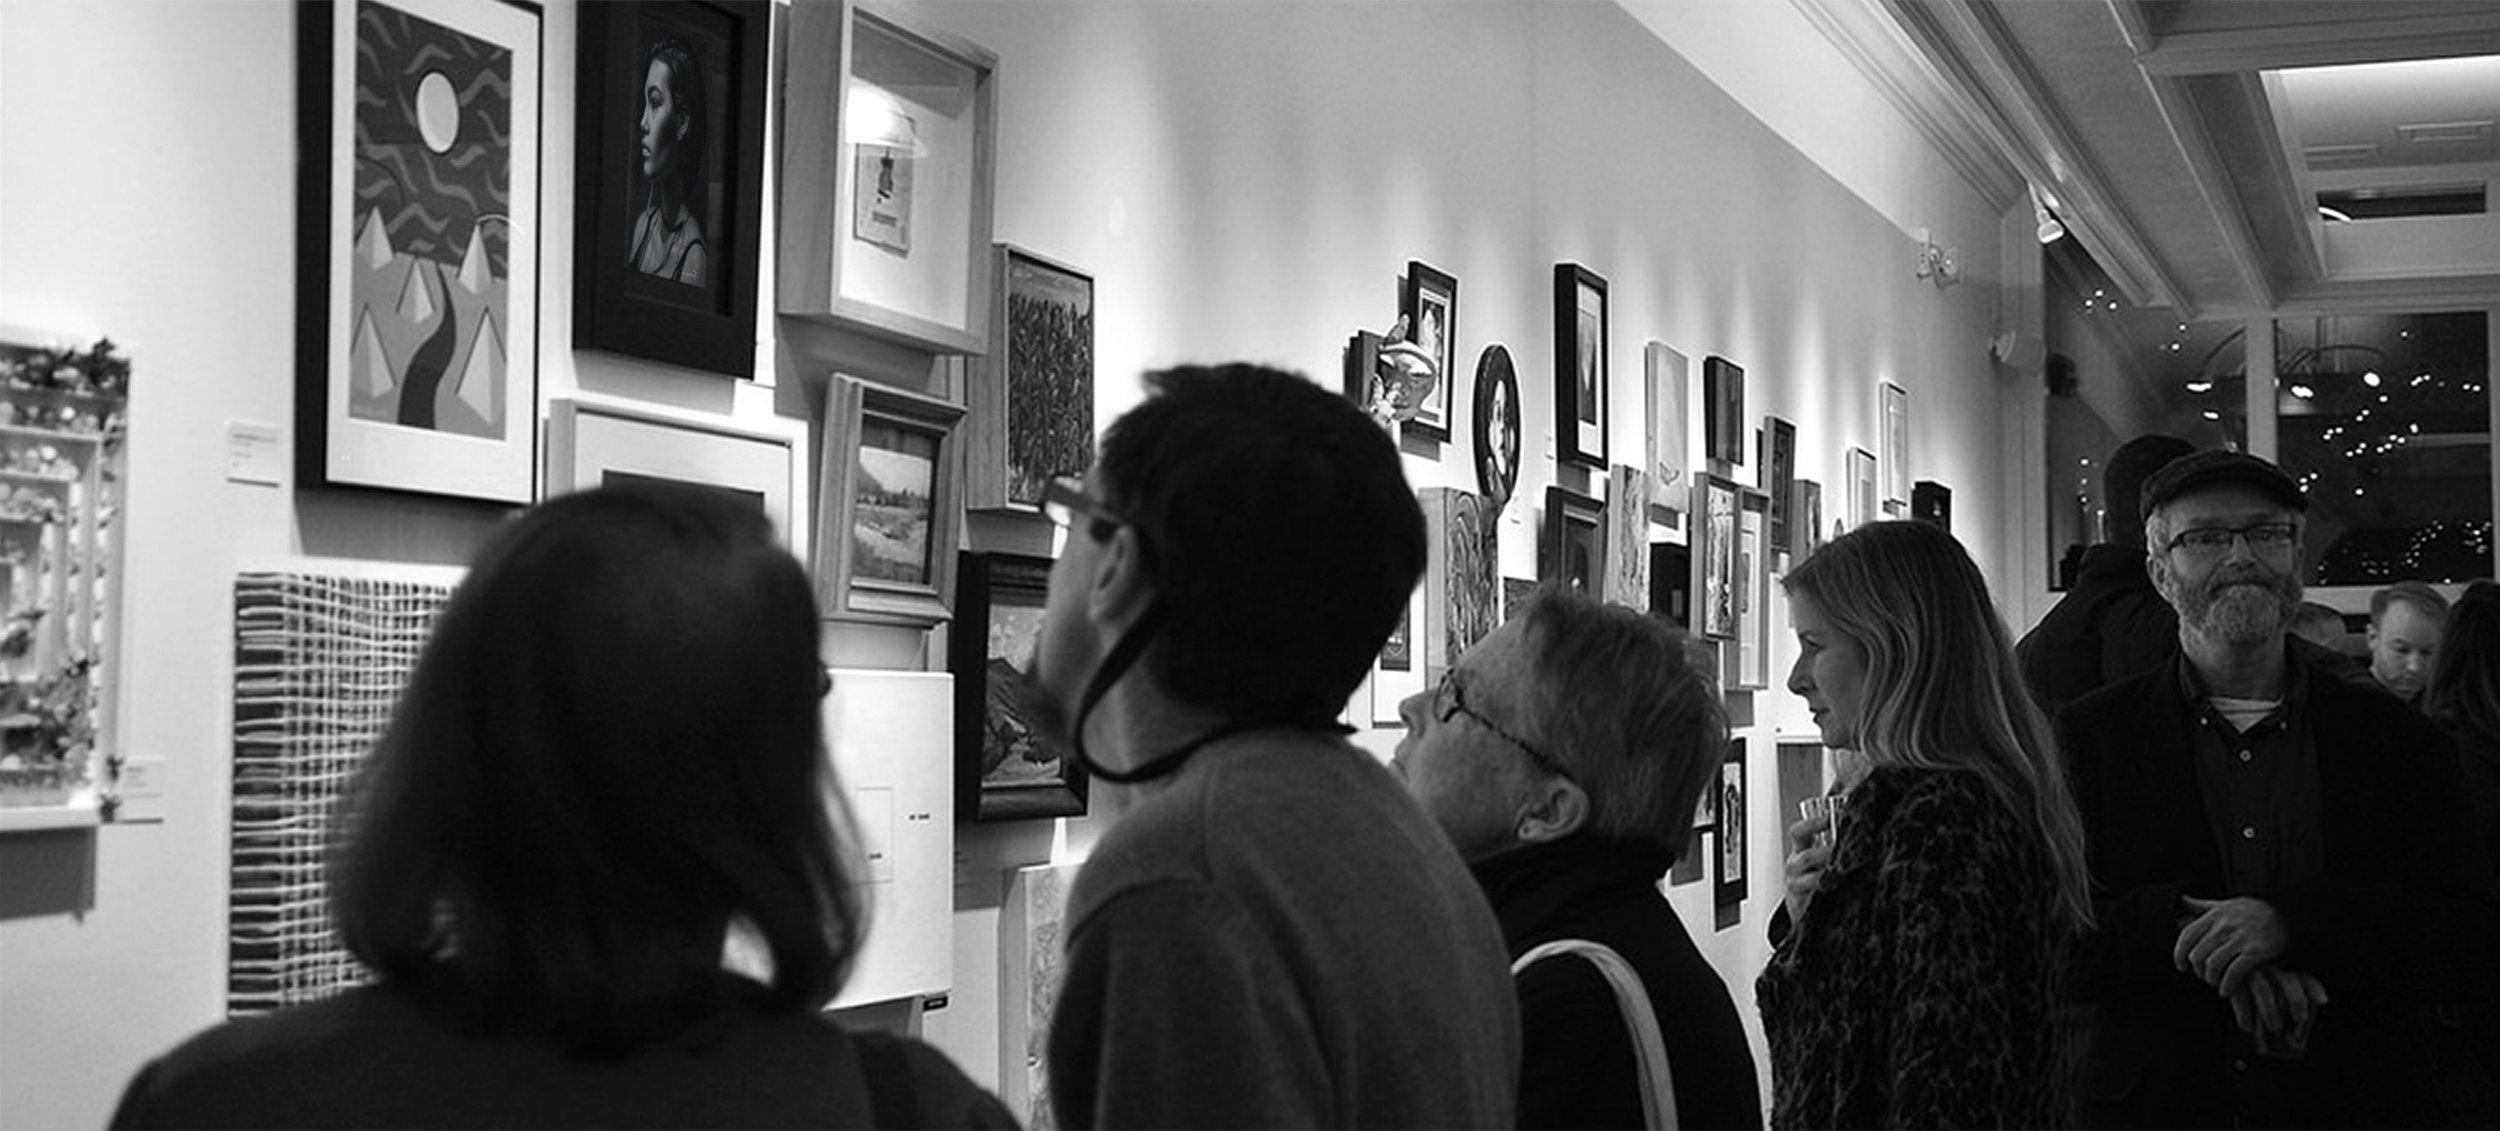 Main Street Arts Gallery: Clifton Springs, NY